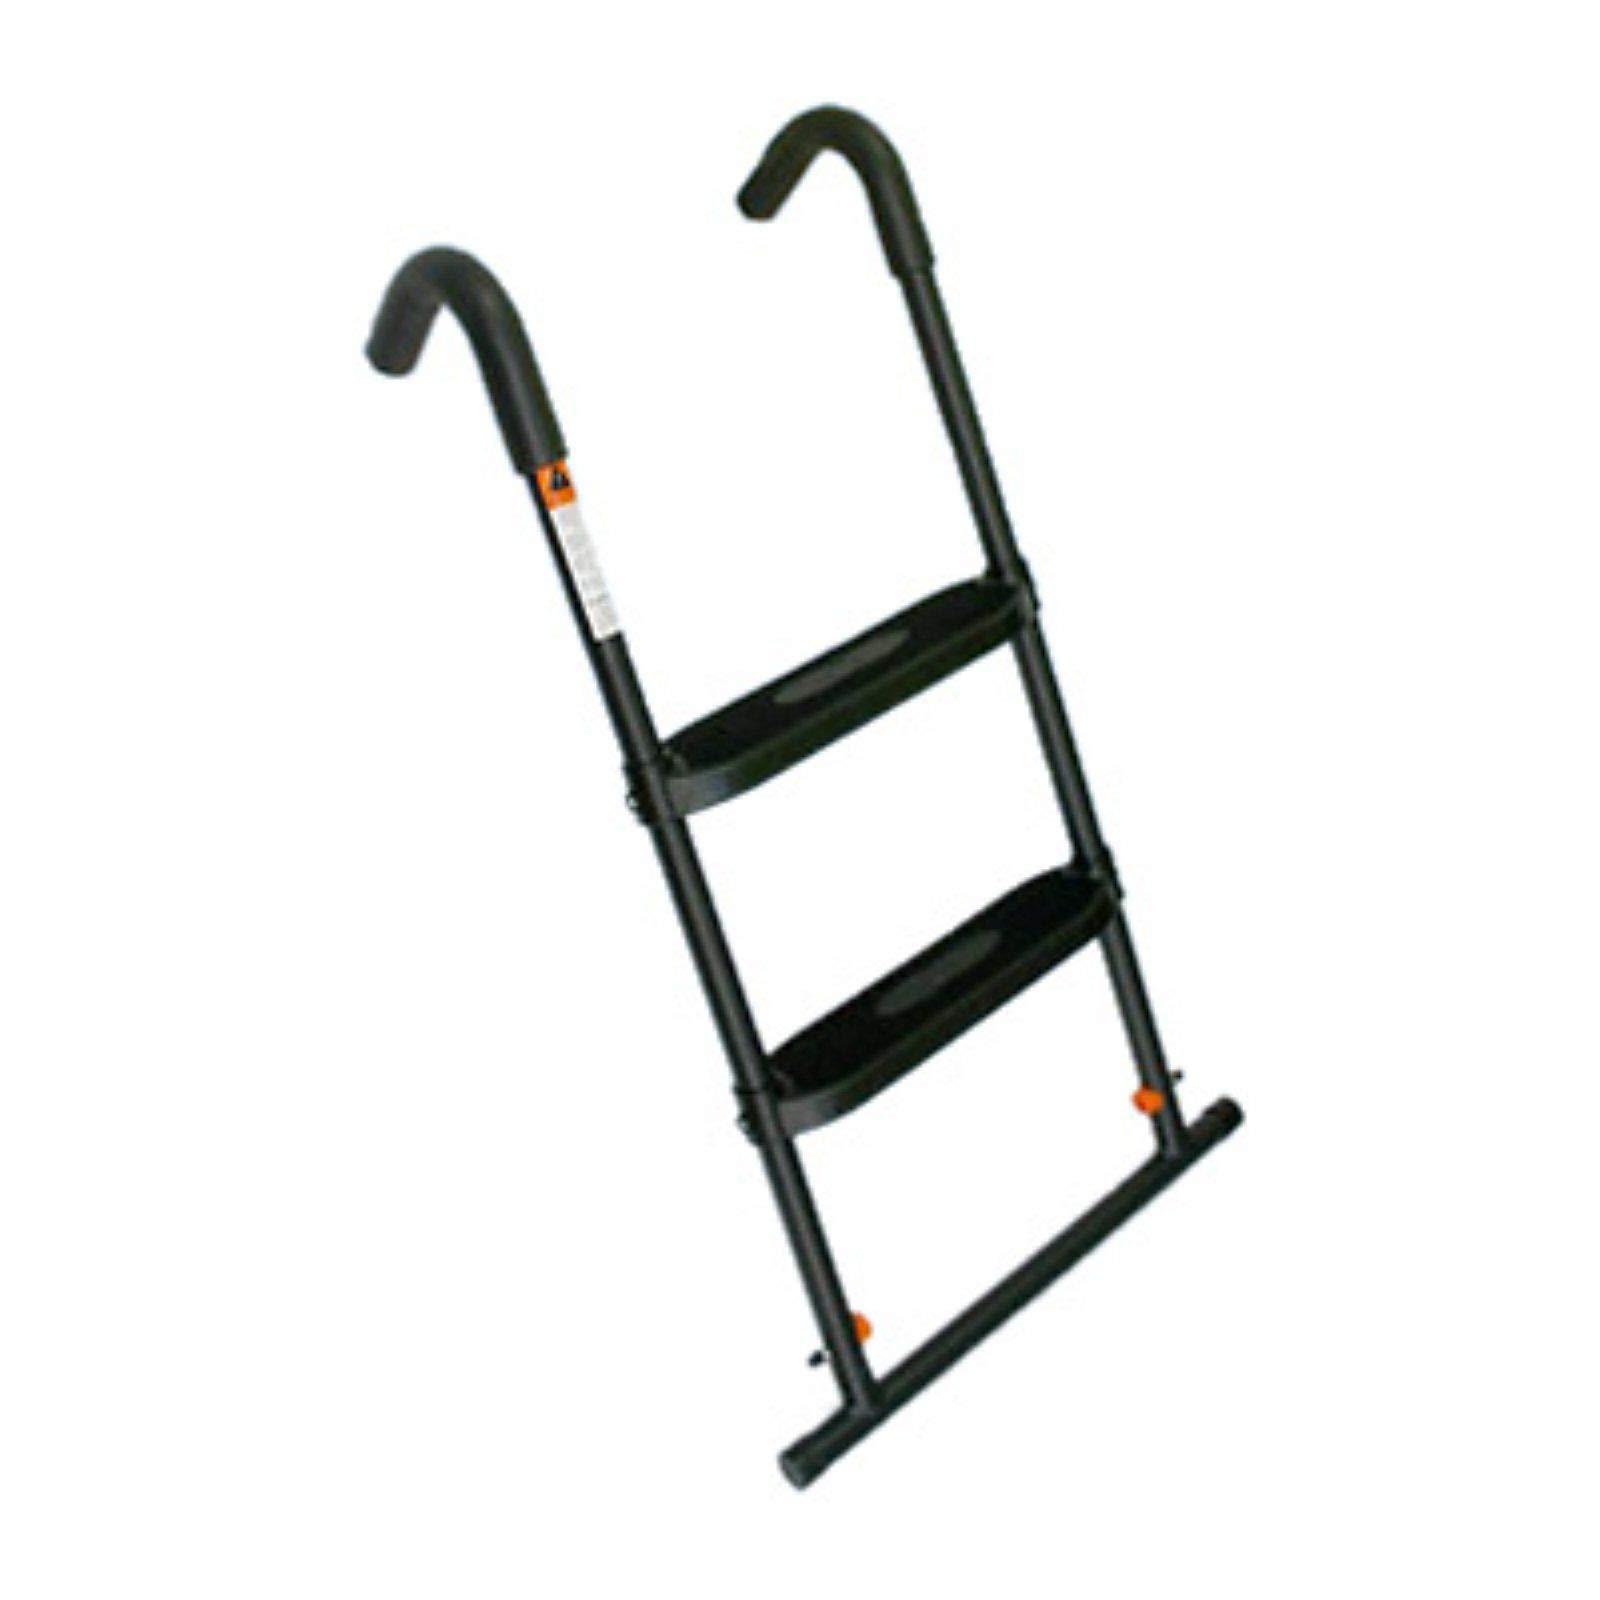 Aromzen 2 Step Surestep Trampoline Ladder